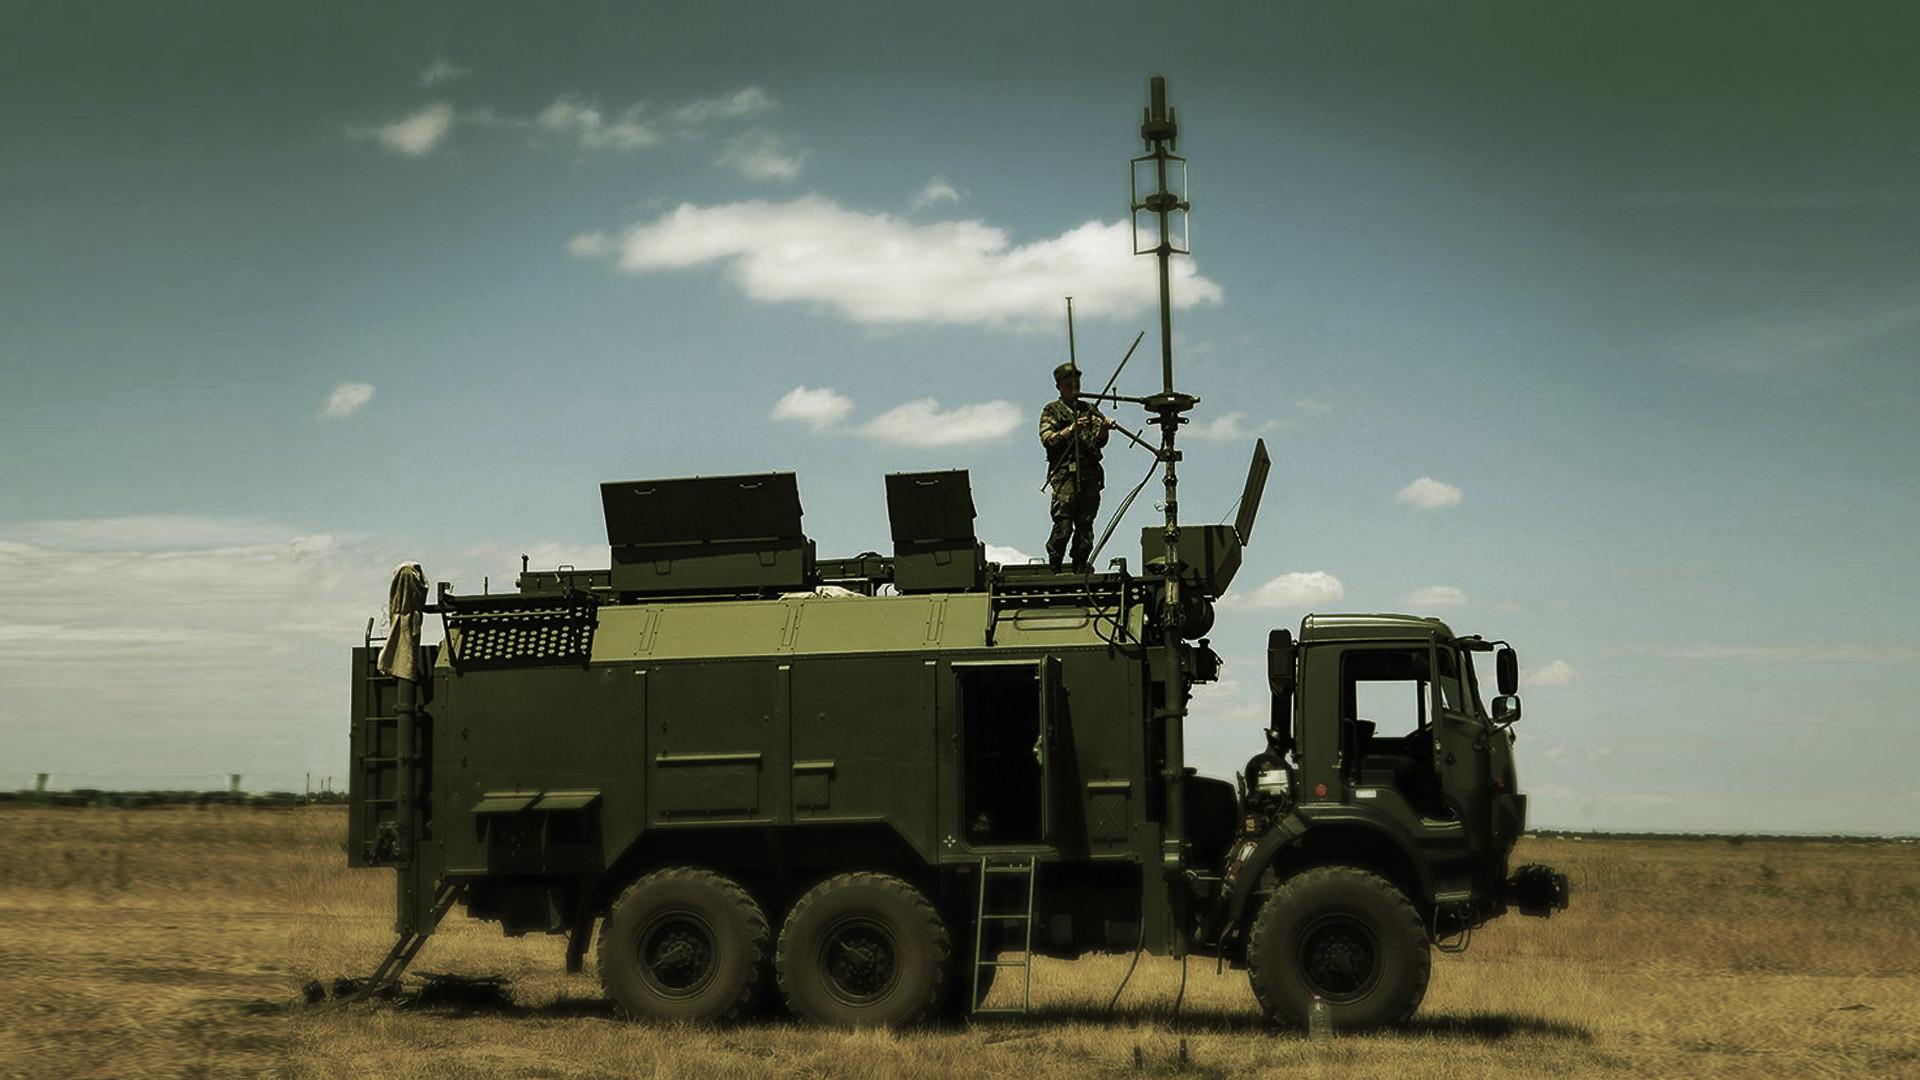 Украина попросила у США системы для радиоэлектронной борьбы с Россией